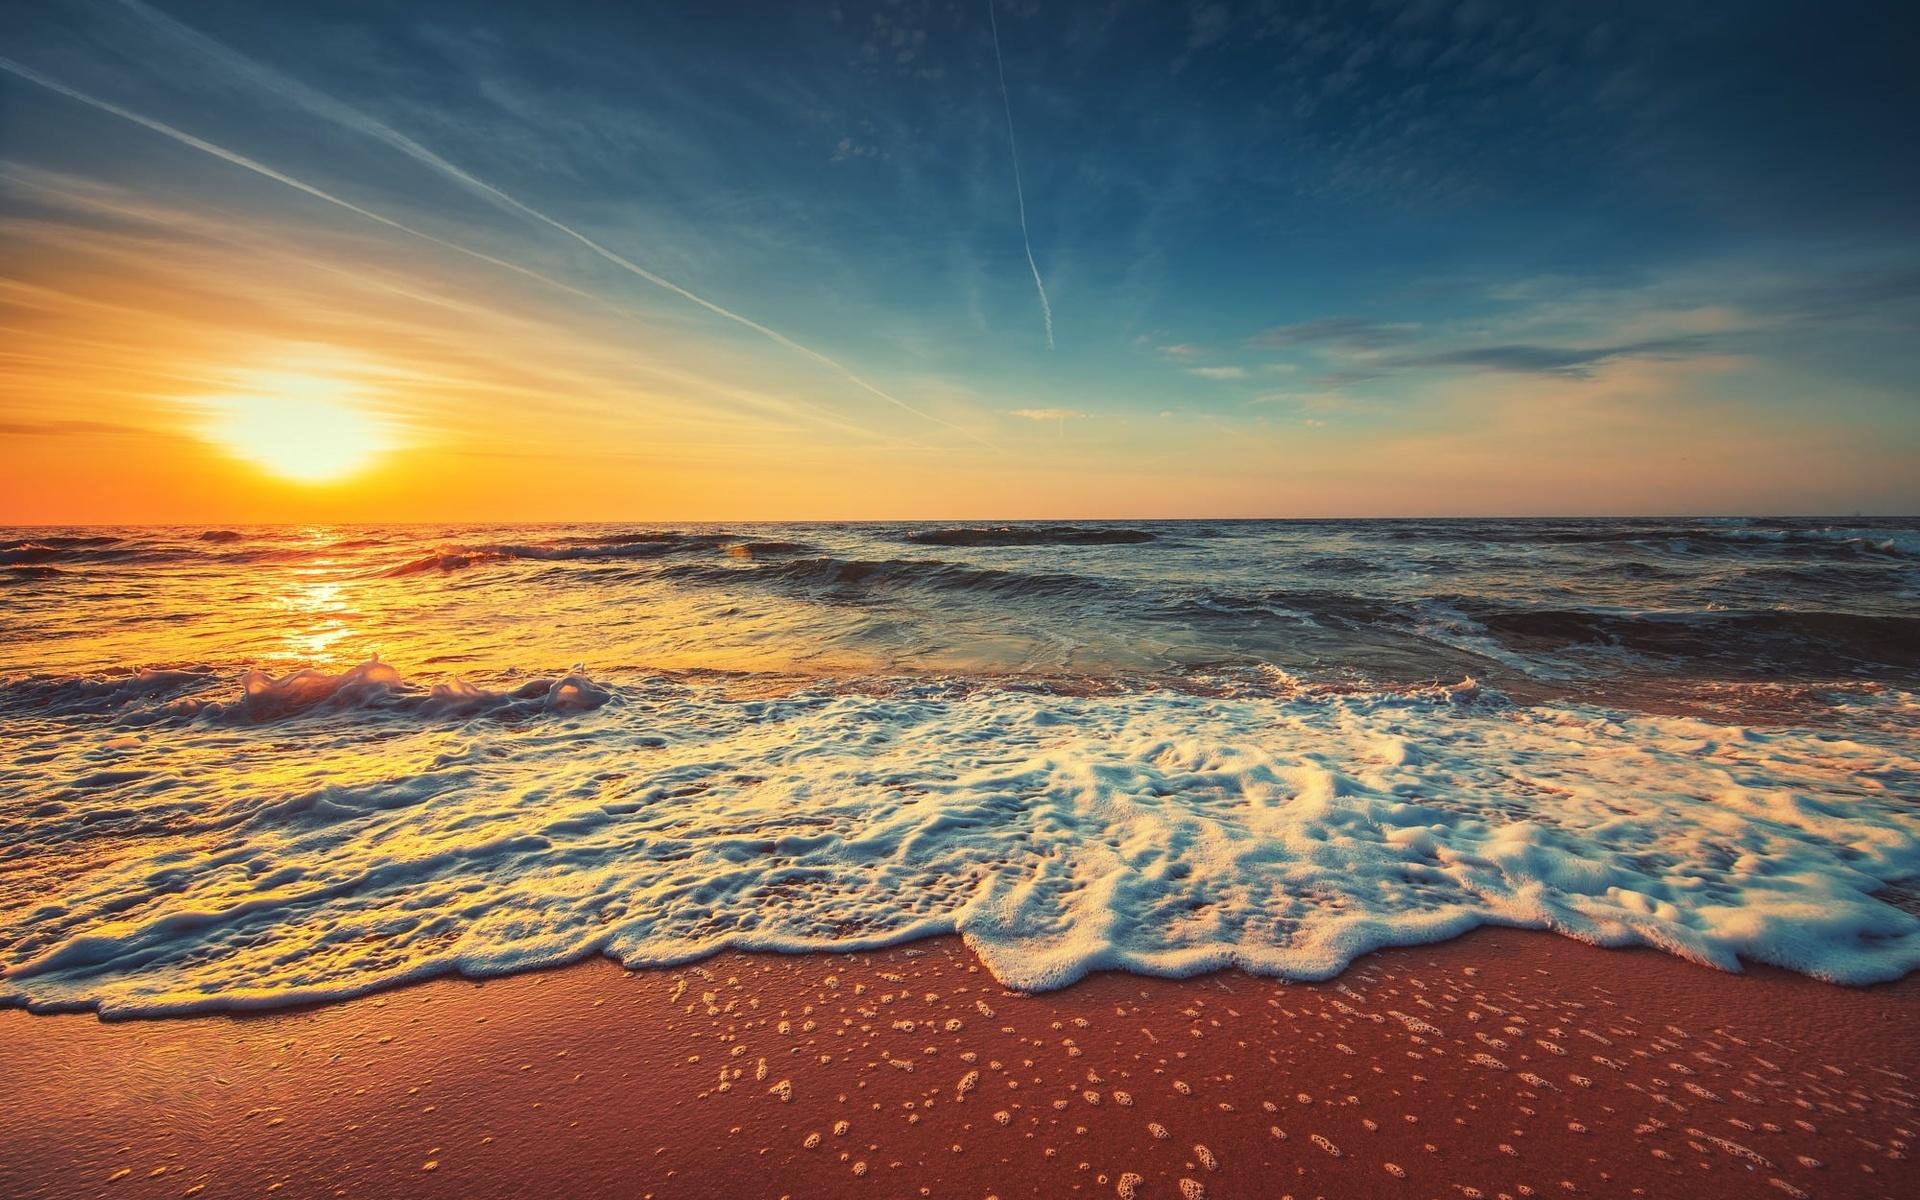 Картинки солнца на море